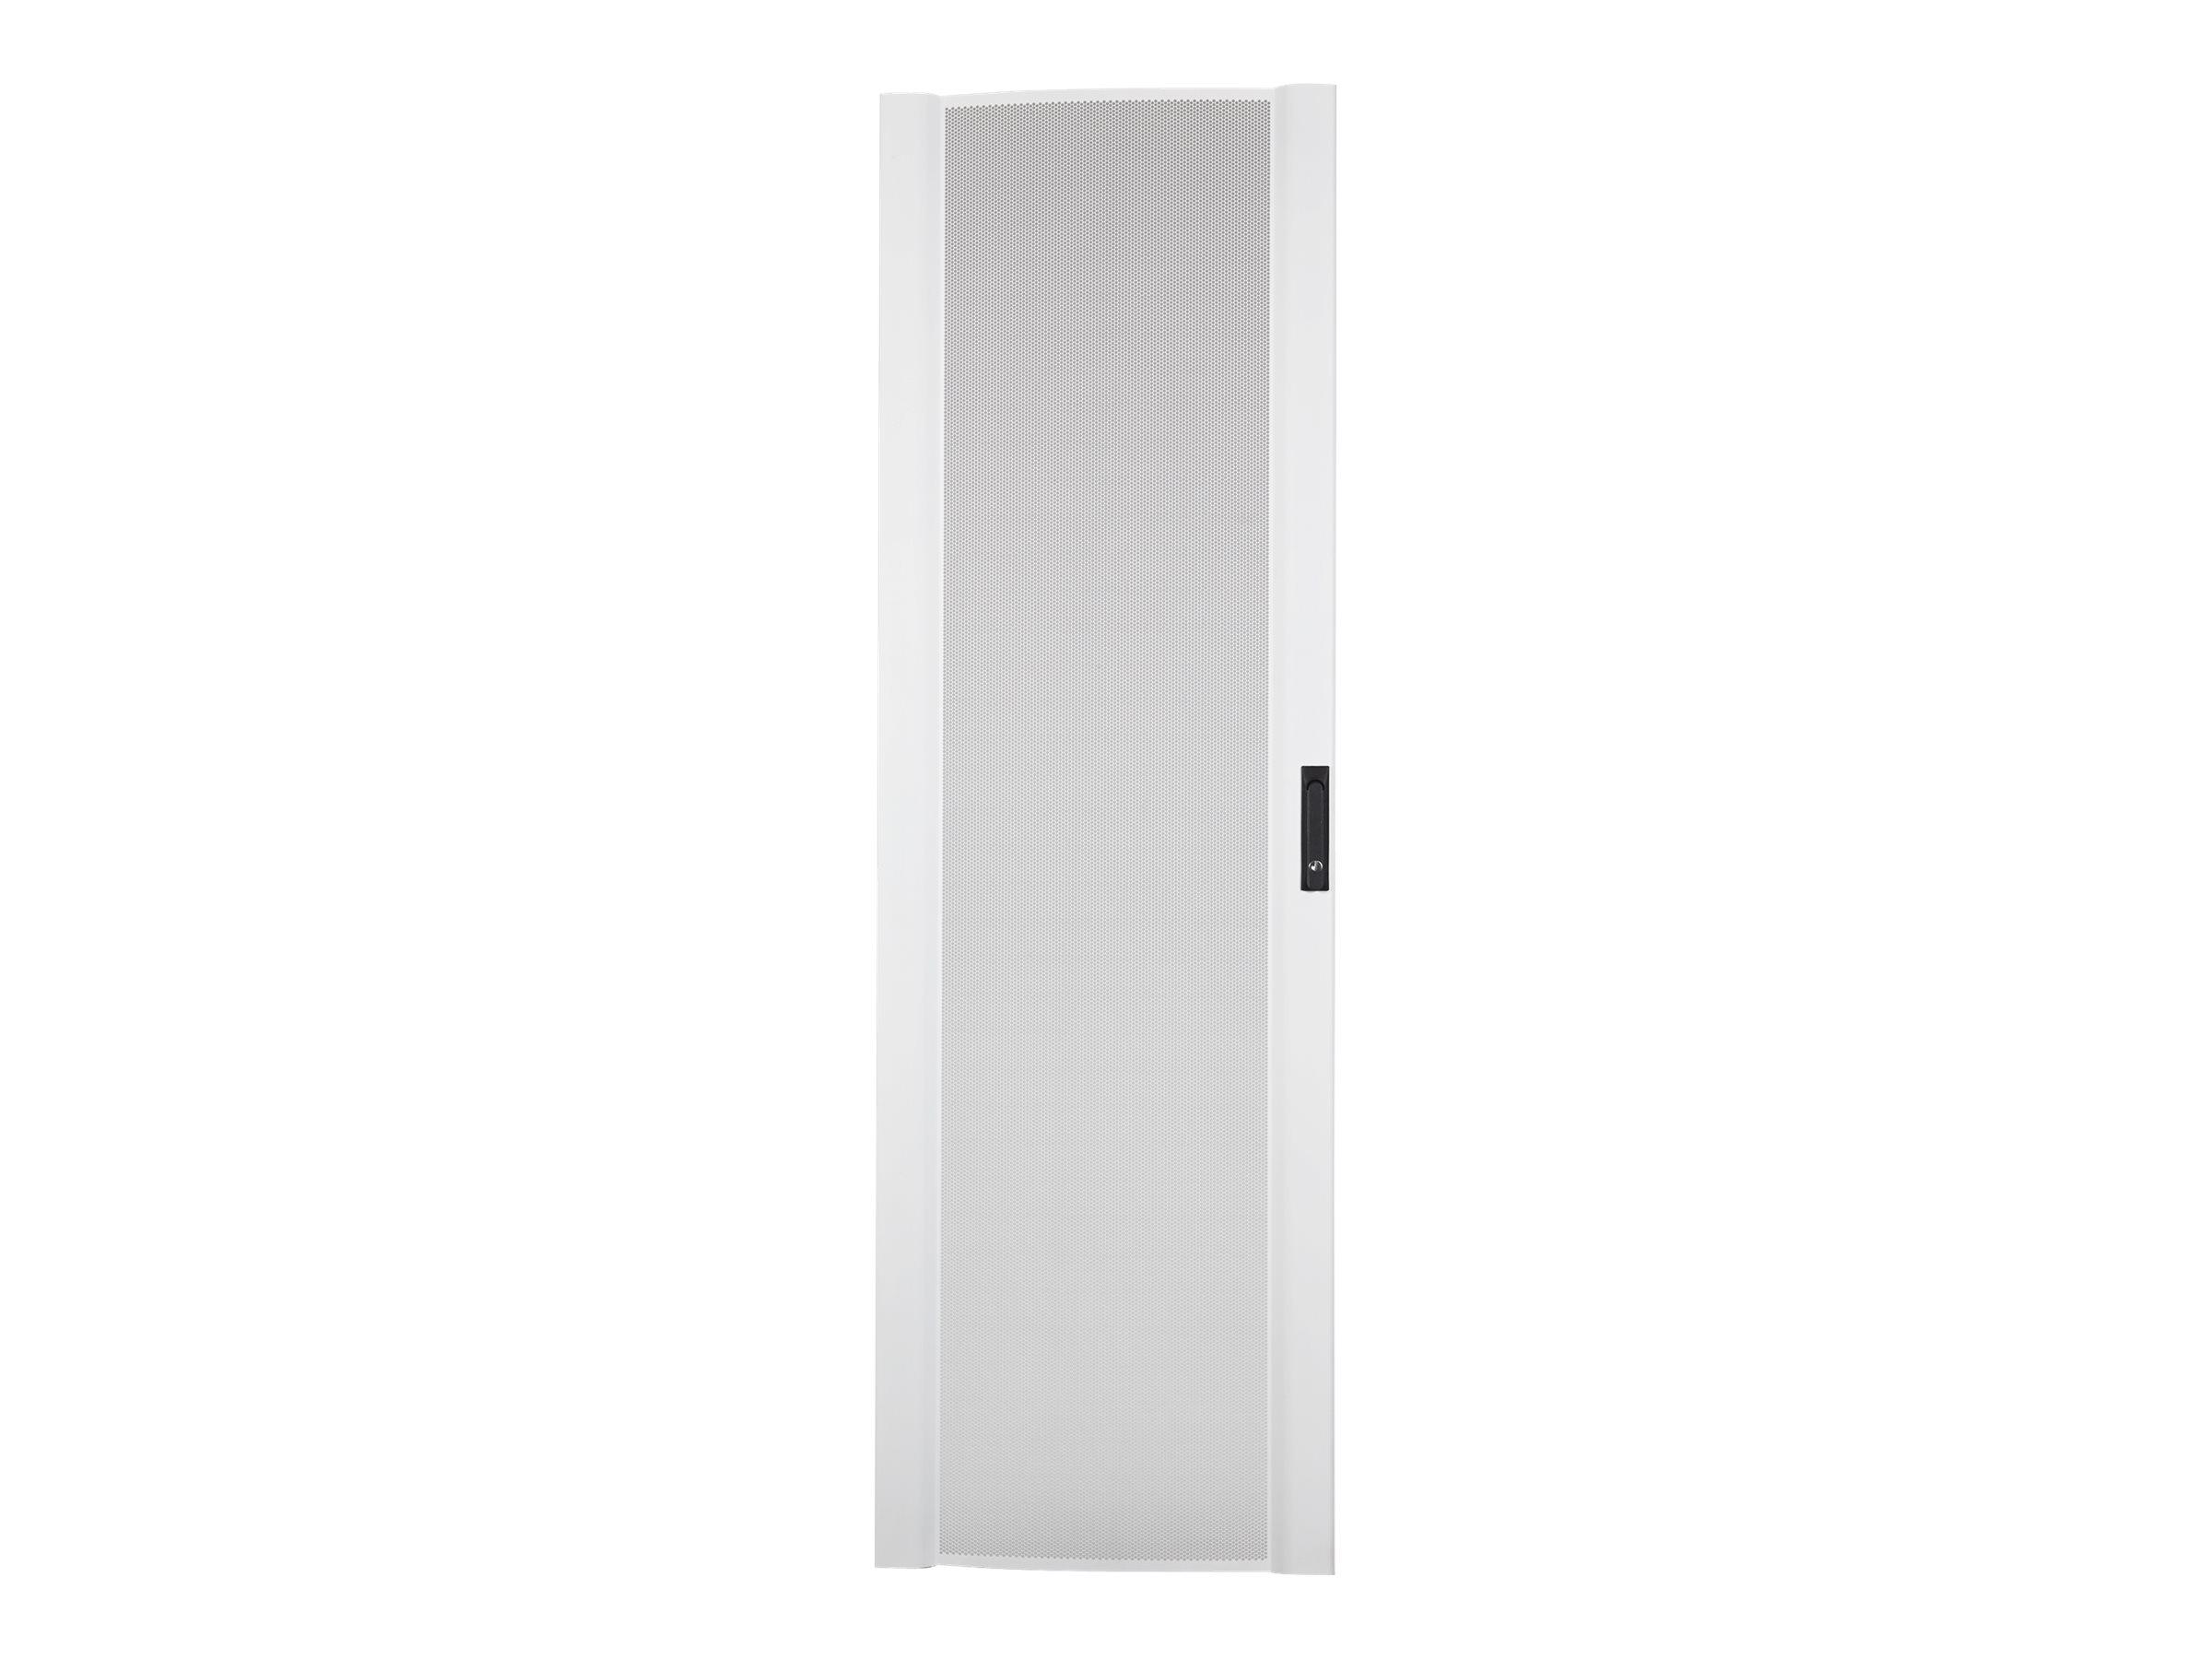 APC Rack-Tür - Vorderseite - weiß - 42HE - für P/N: SMC1500I-2UC